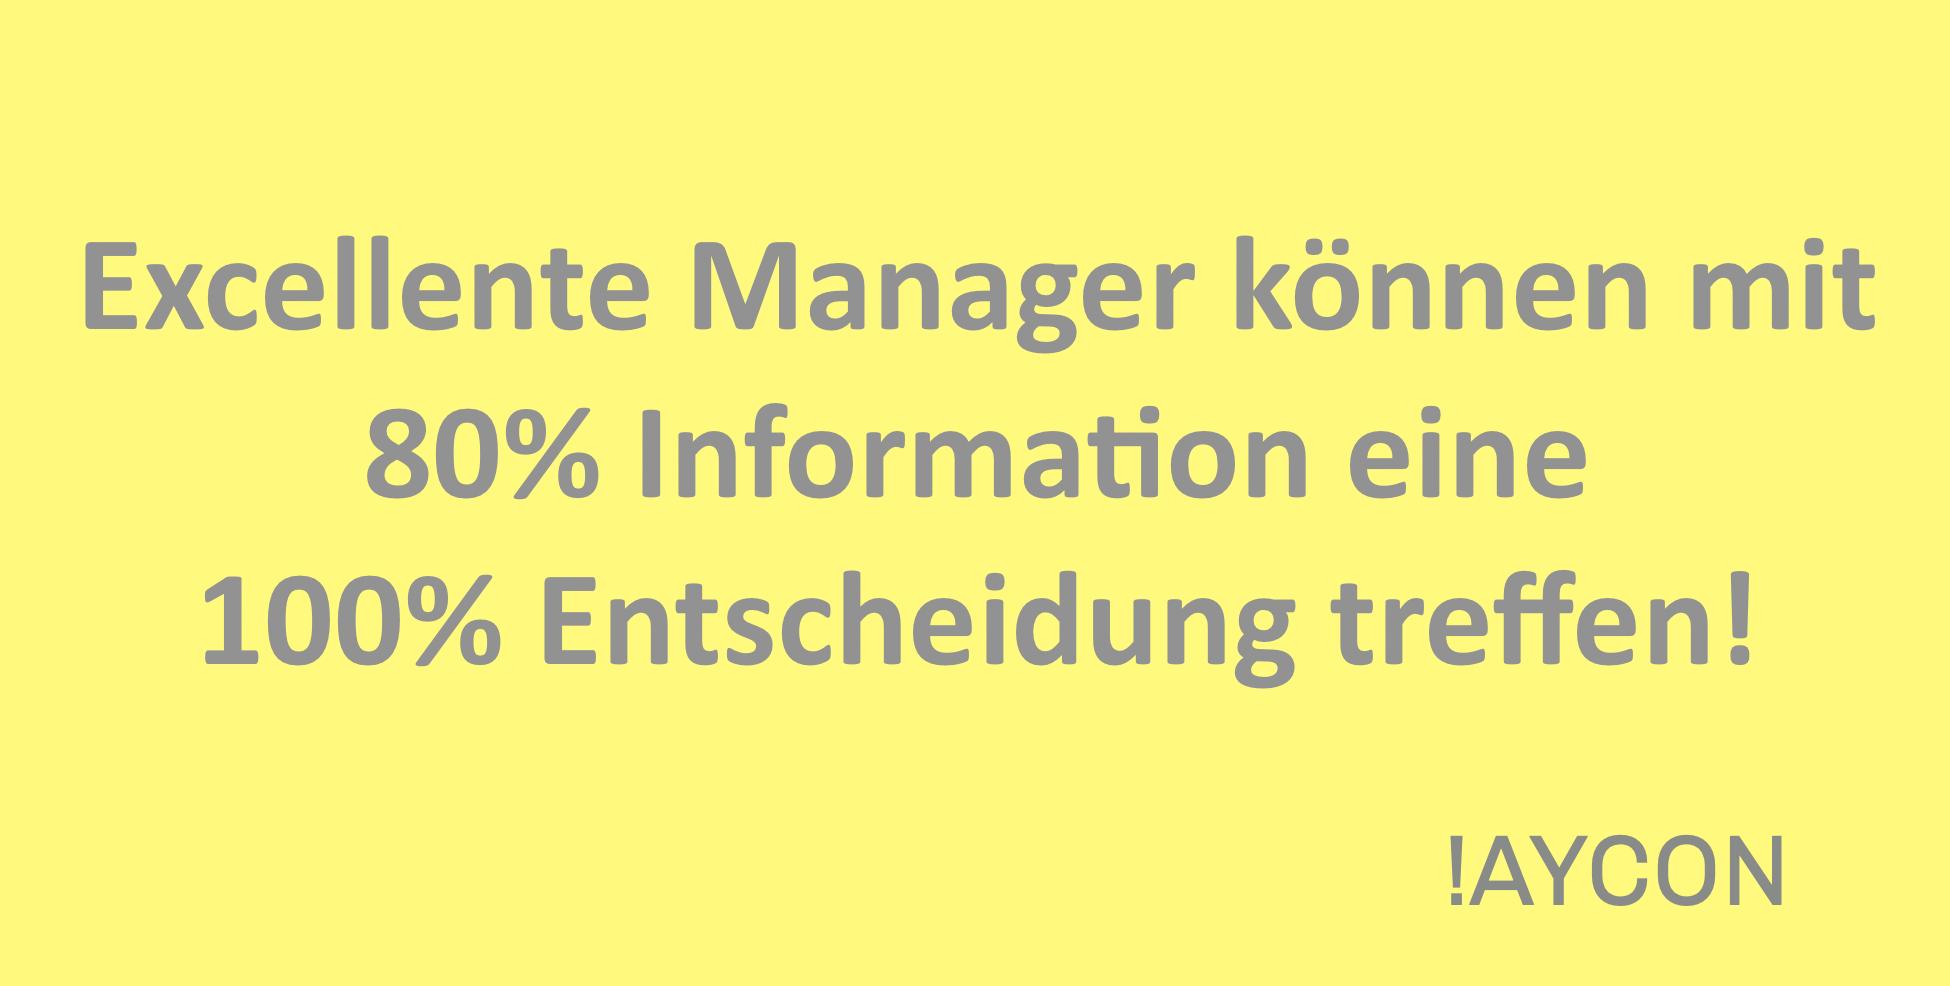 Excellente Manager können mit 80% Information eine 100% Entscheidung treffen!